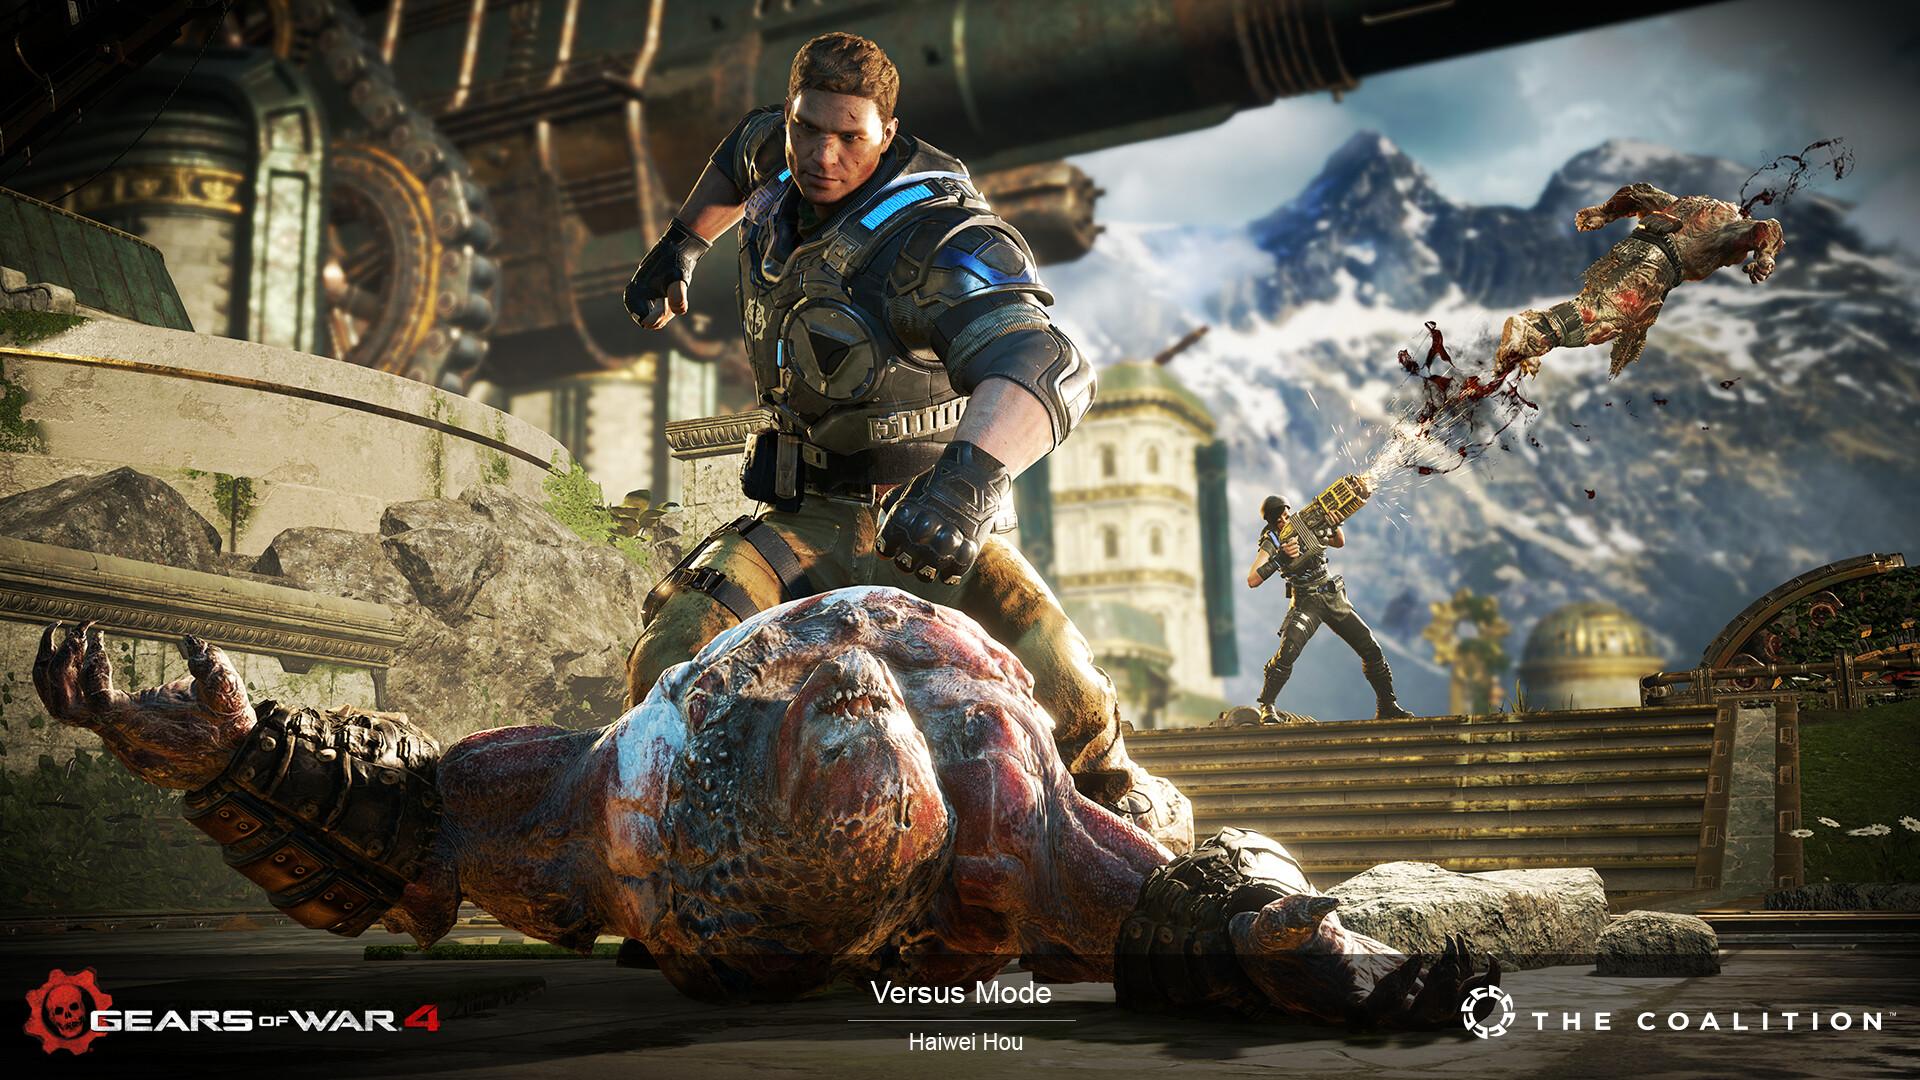 ArtStation - Gears of War Marketing art, DOOMWOOD Digital Media